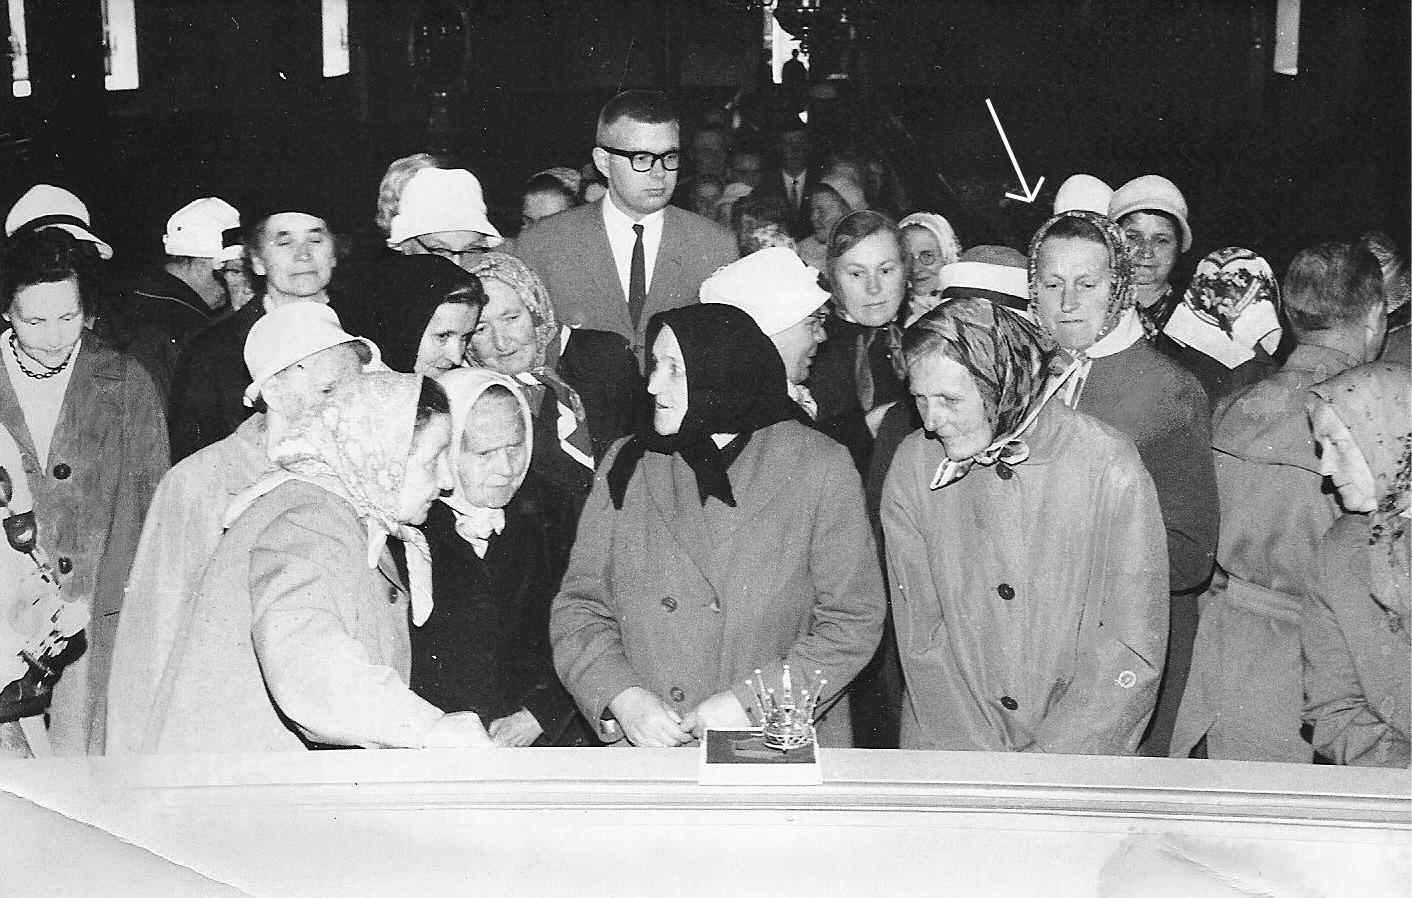 Den 15 juli 1962 donerade Marthaföreningarna i Lappfjärd en brudkrona till församlingen och kyrkobesökarna fick en möjlighet att se kronan på nära håll. Vid pilen står Elin Landgärds, född Lillkull på Sunnantillvägen.